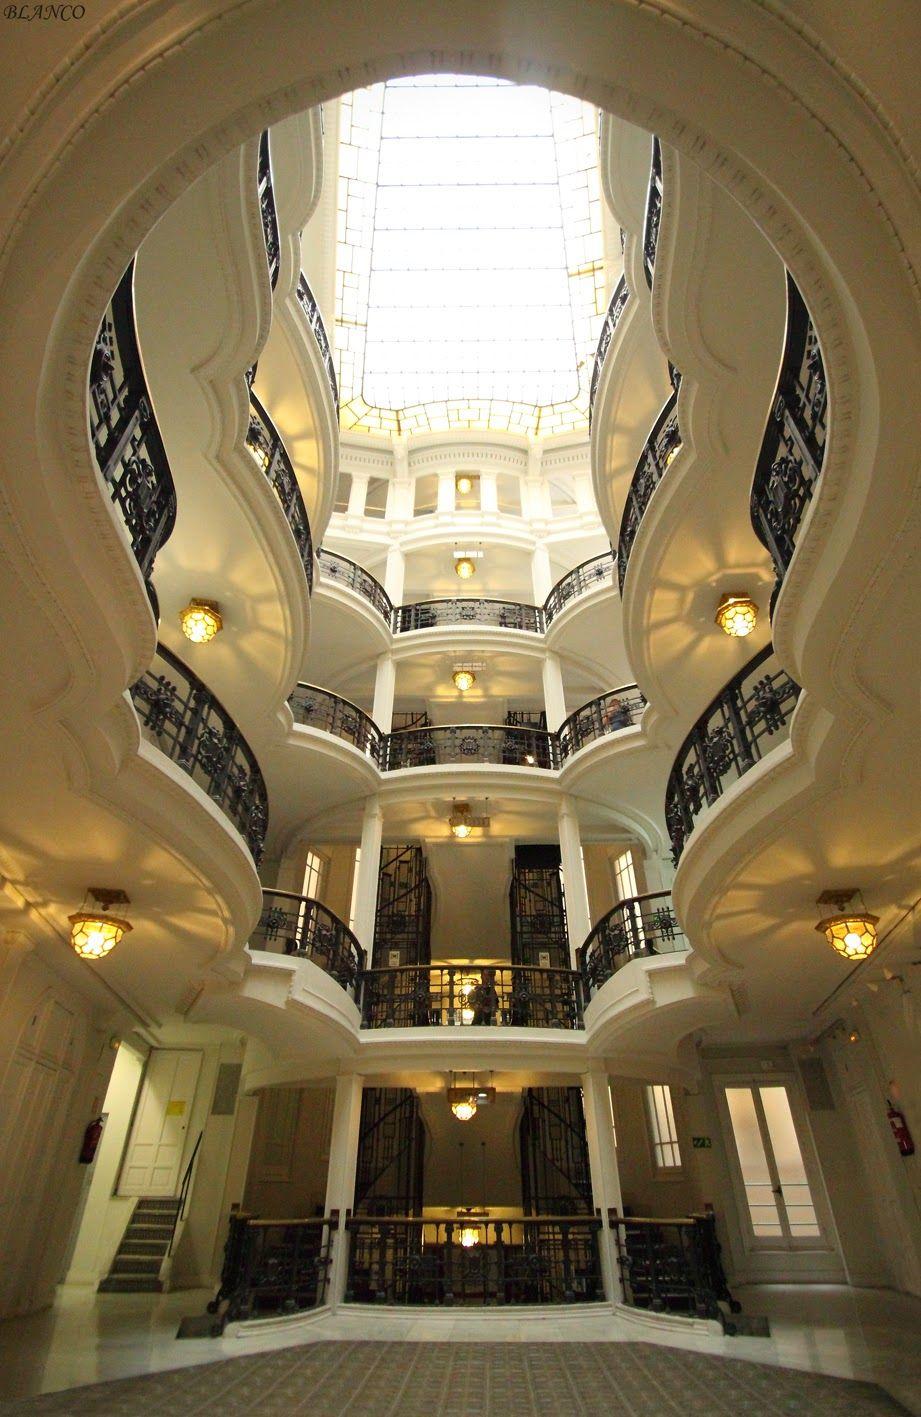 Casa palazuelo arquitecto antonio palacios madrid mix - Arquitectos en espana ...